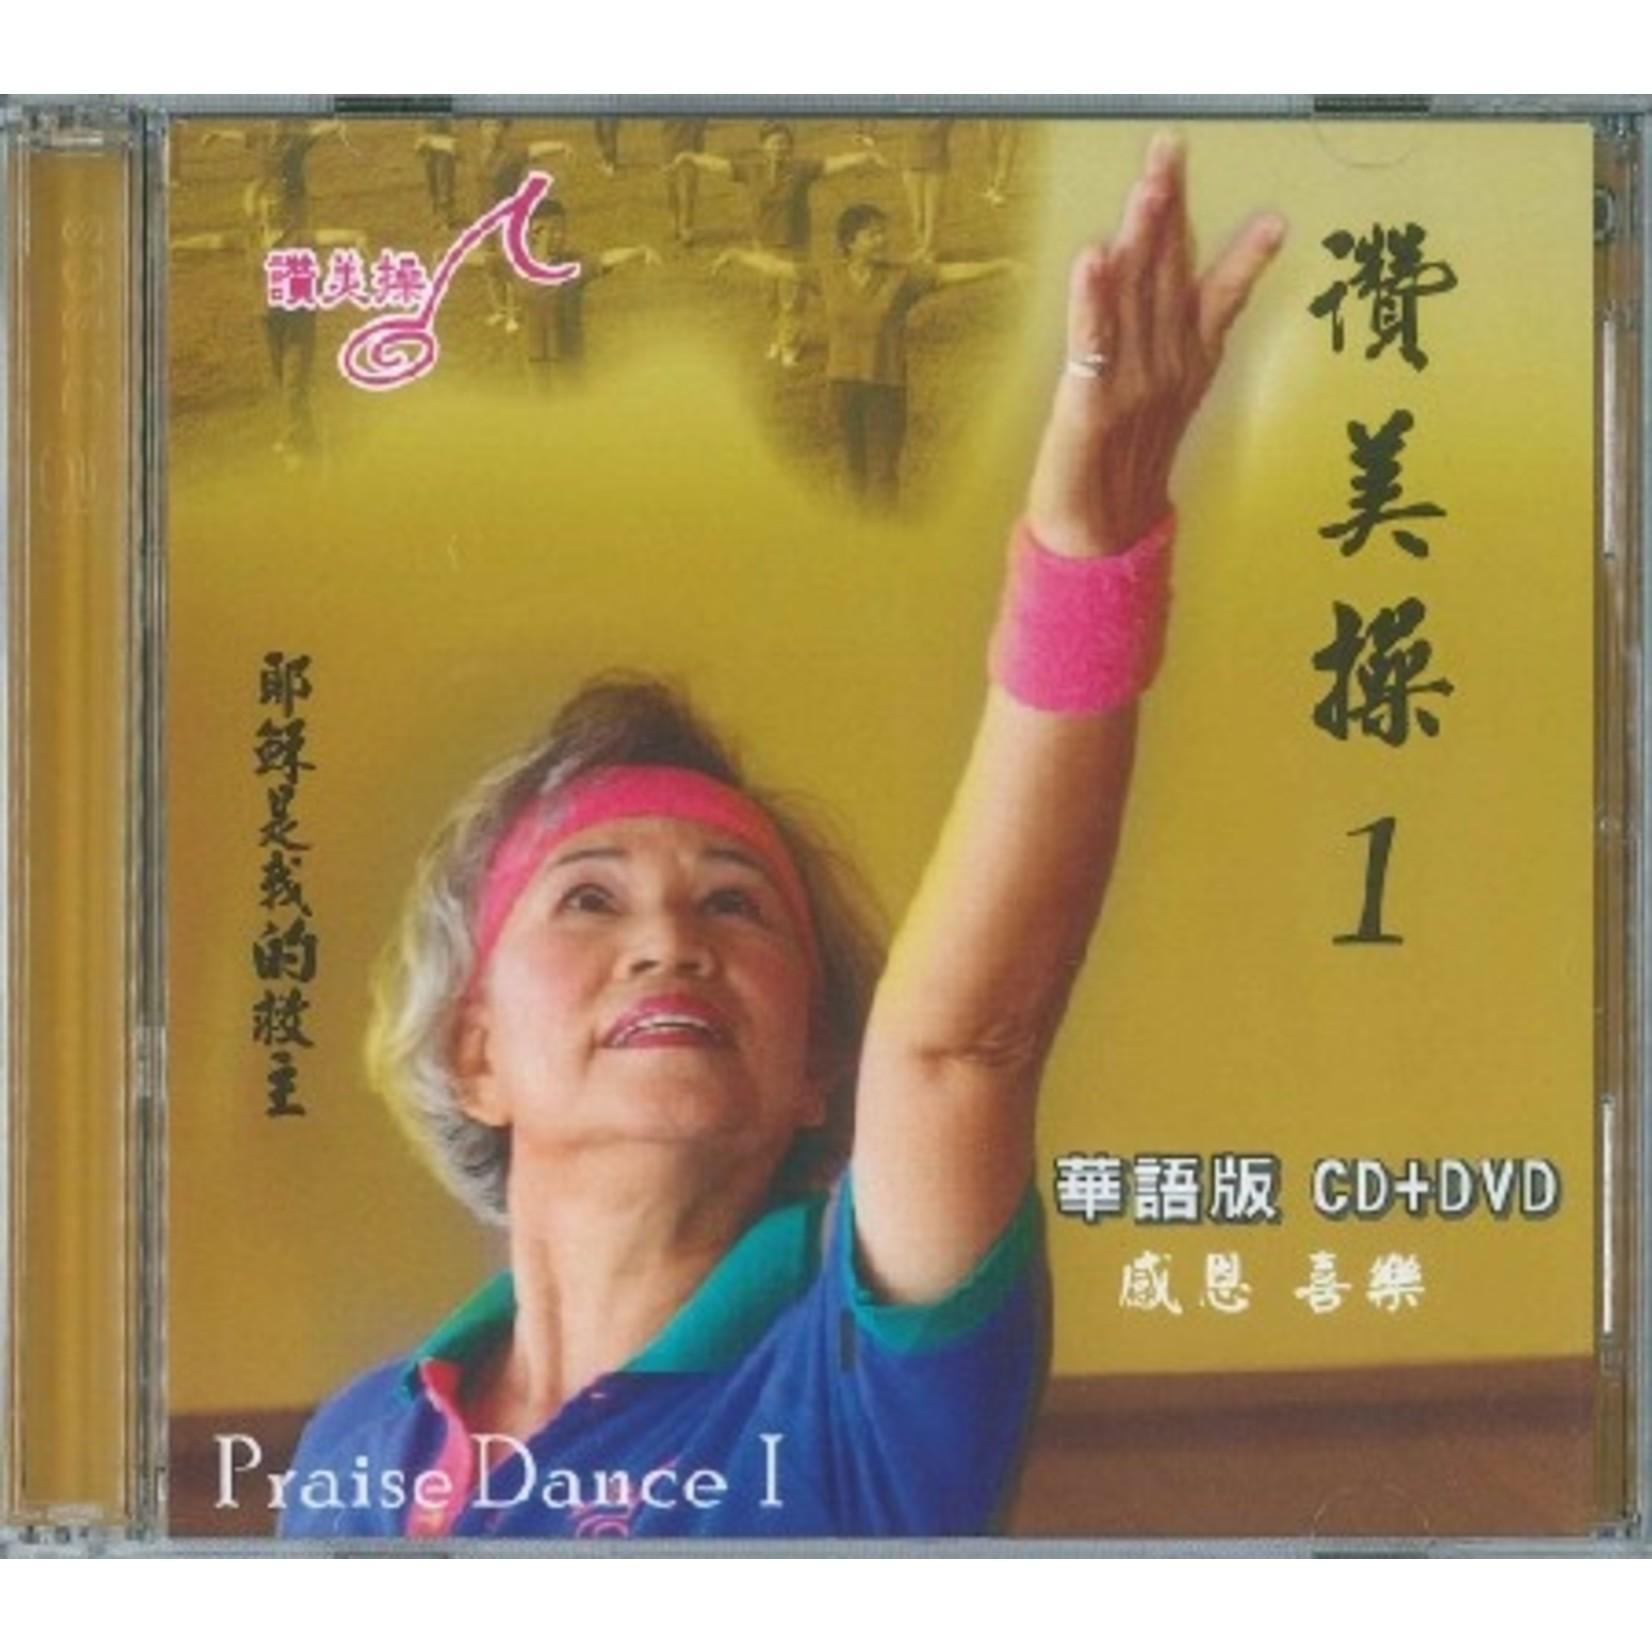 台灣讚美操協會 Taiwan Praise Dance Association 讚美操1(華語版)(CD+DVD)